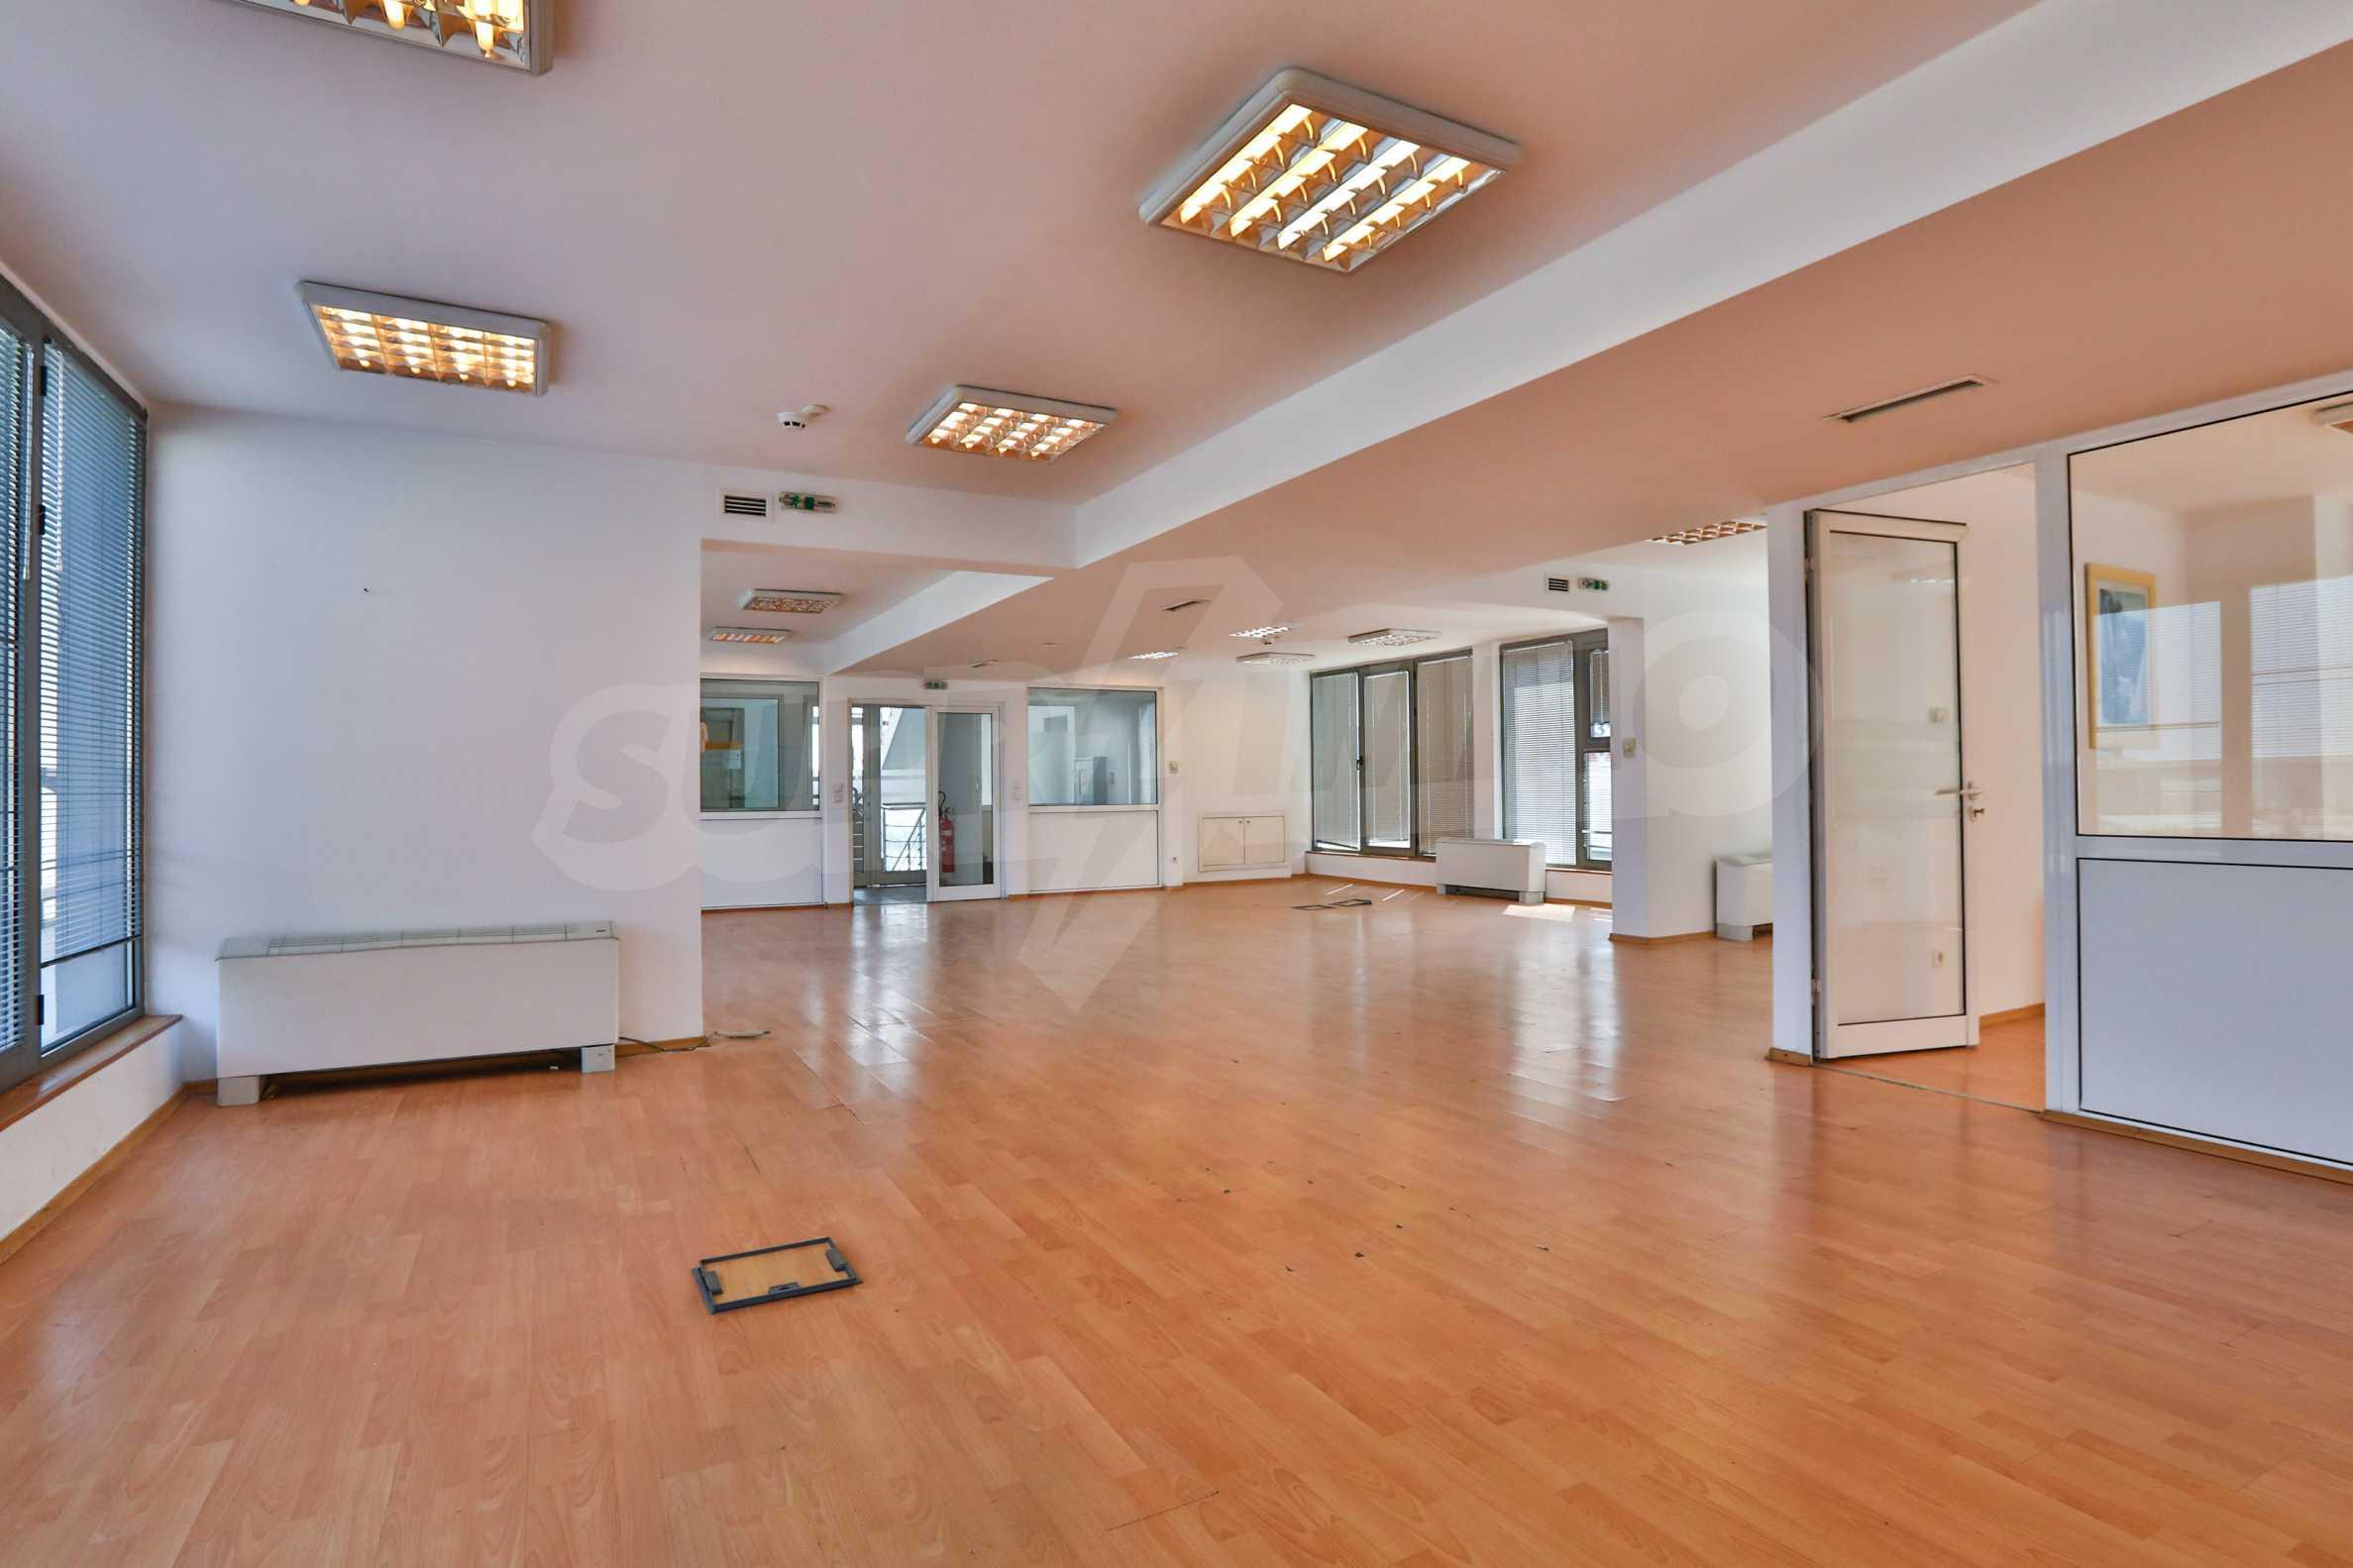 Площи тип open space в офис зоната на бул. Цариградско шосе 13